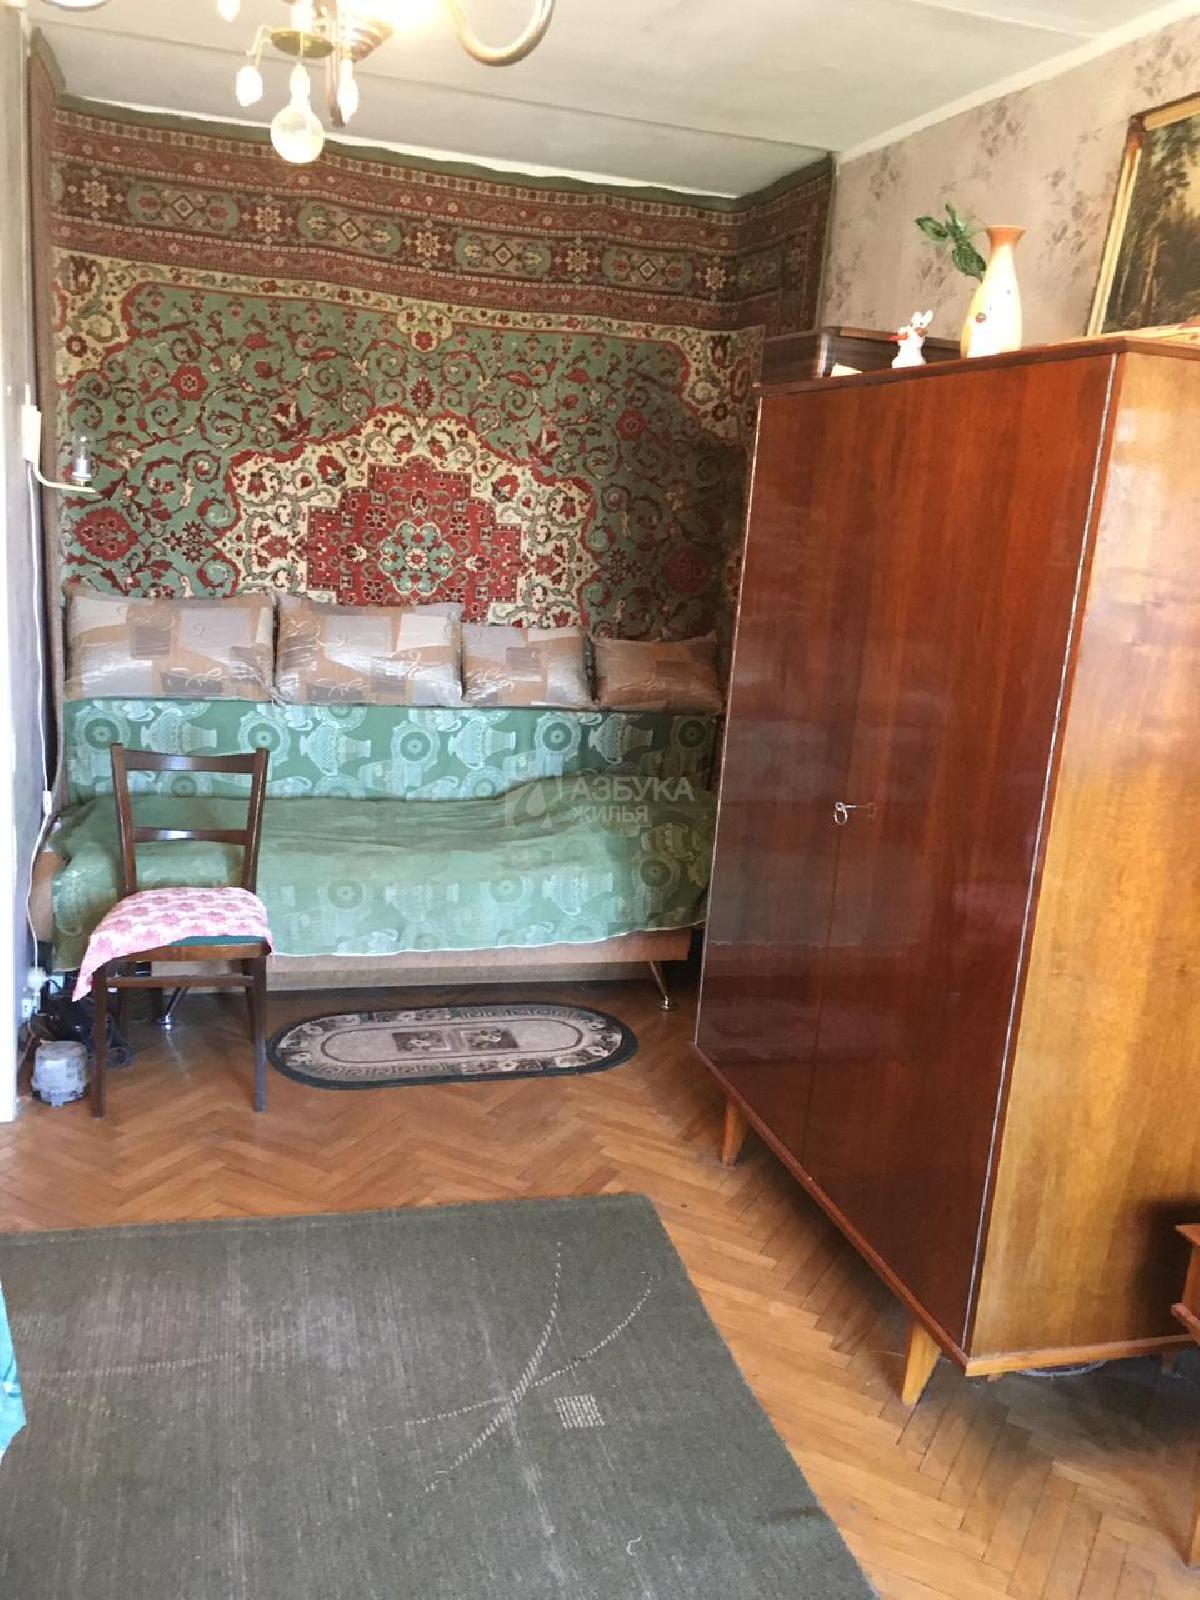 Фото №4 - 1-комнатная квартира, Москва, Шумилова улица 13 корпус 2, метро Кузьминки